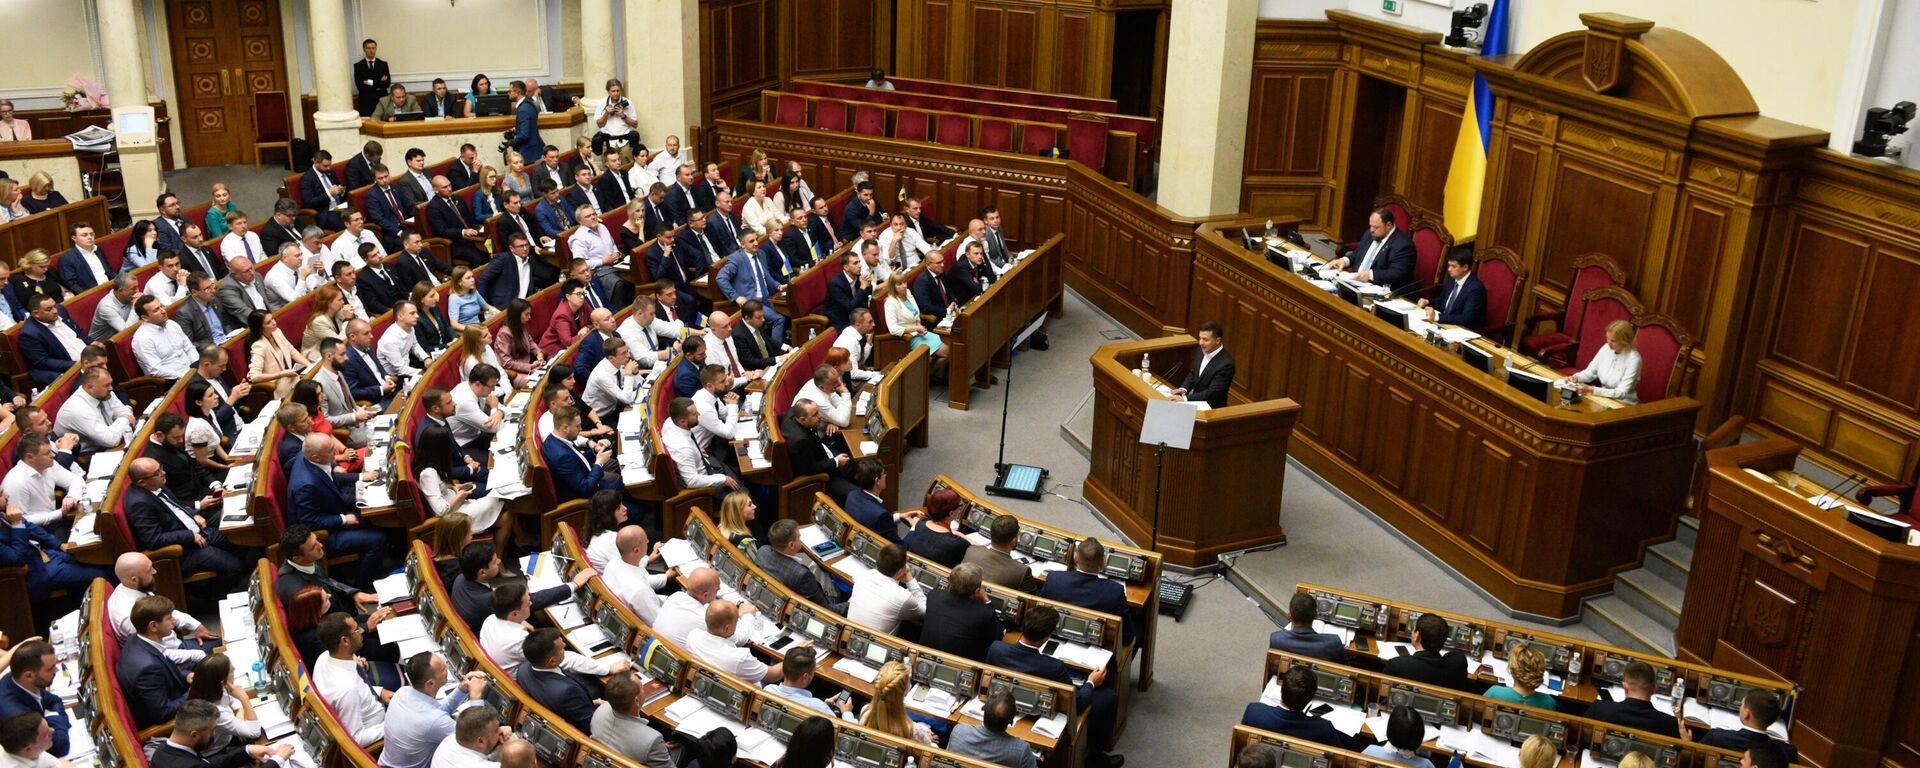 Первое заседание Верховной рады Украины нового созыва - Sputnik Таджикистан, 1920, 24.06.2021